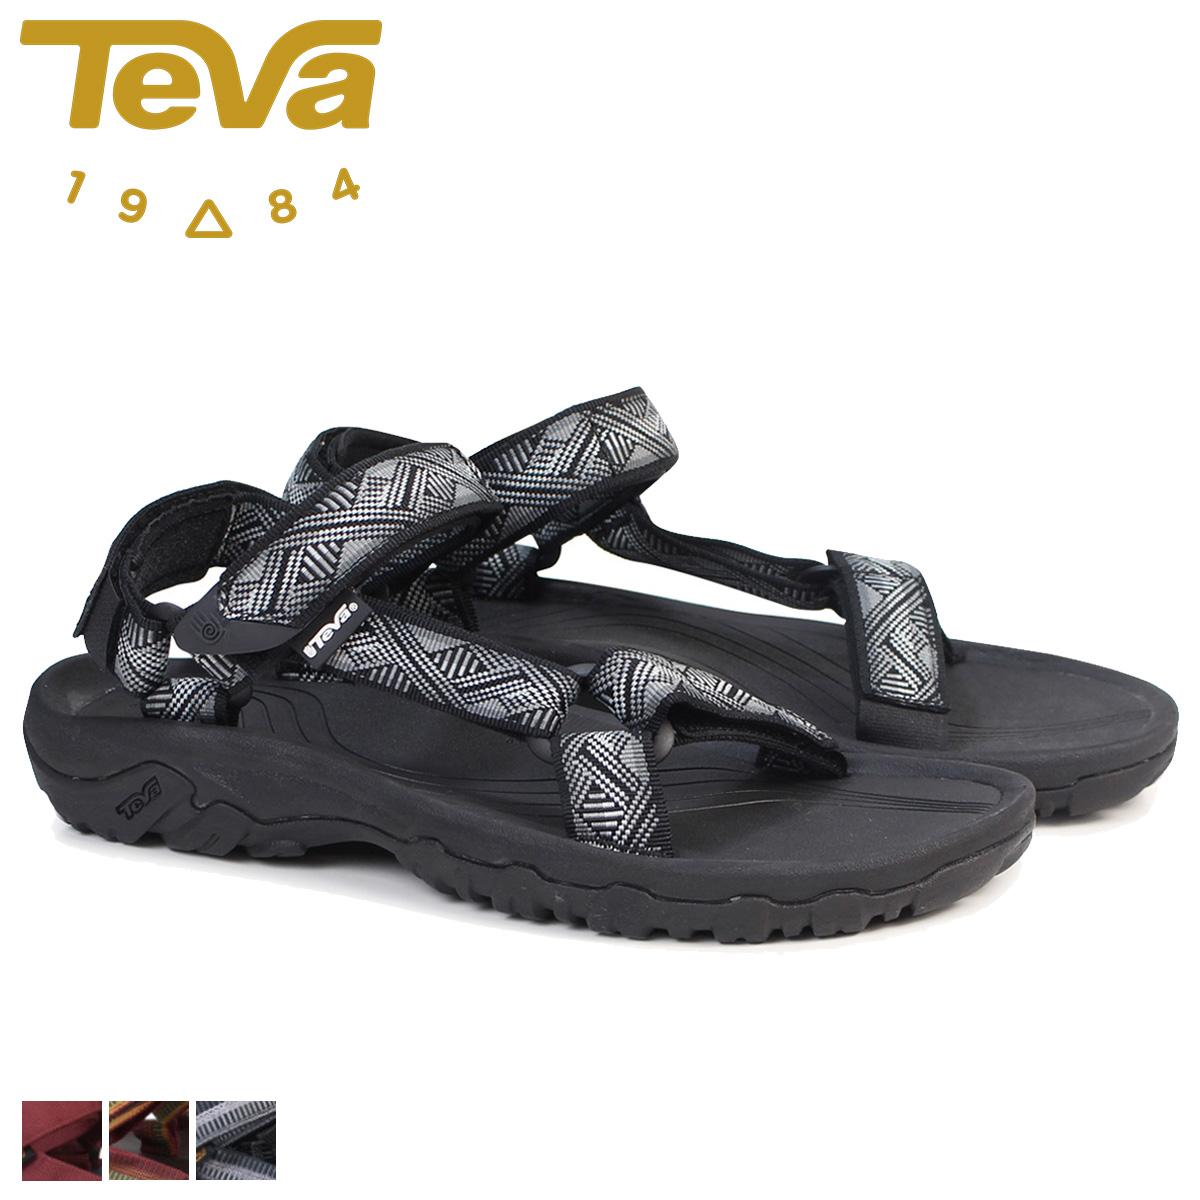 125e6beea Teva Teva sandals men original universal ORIGINAL UNIVERSAL MENS 1004006   3 14 Shinnyu load